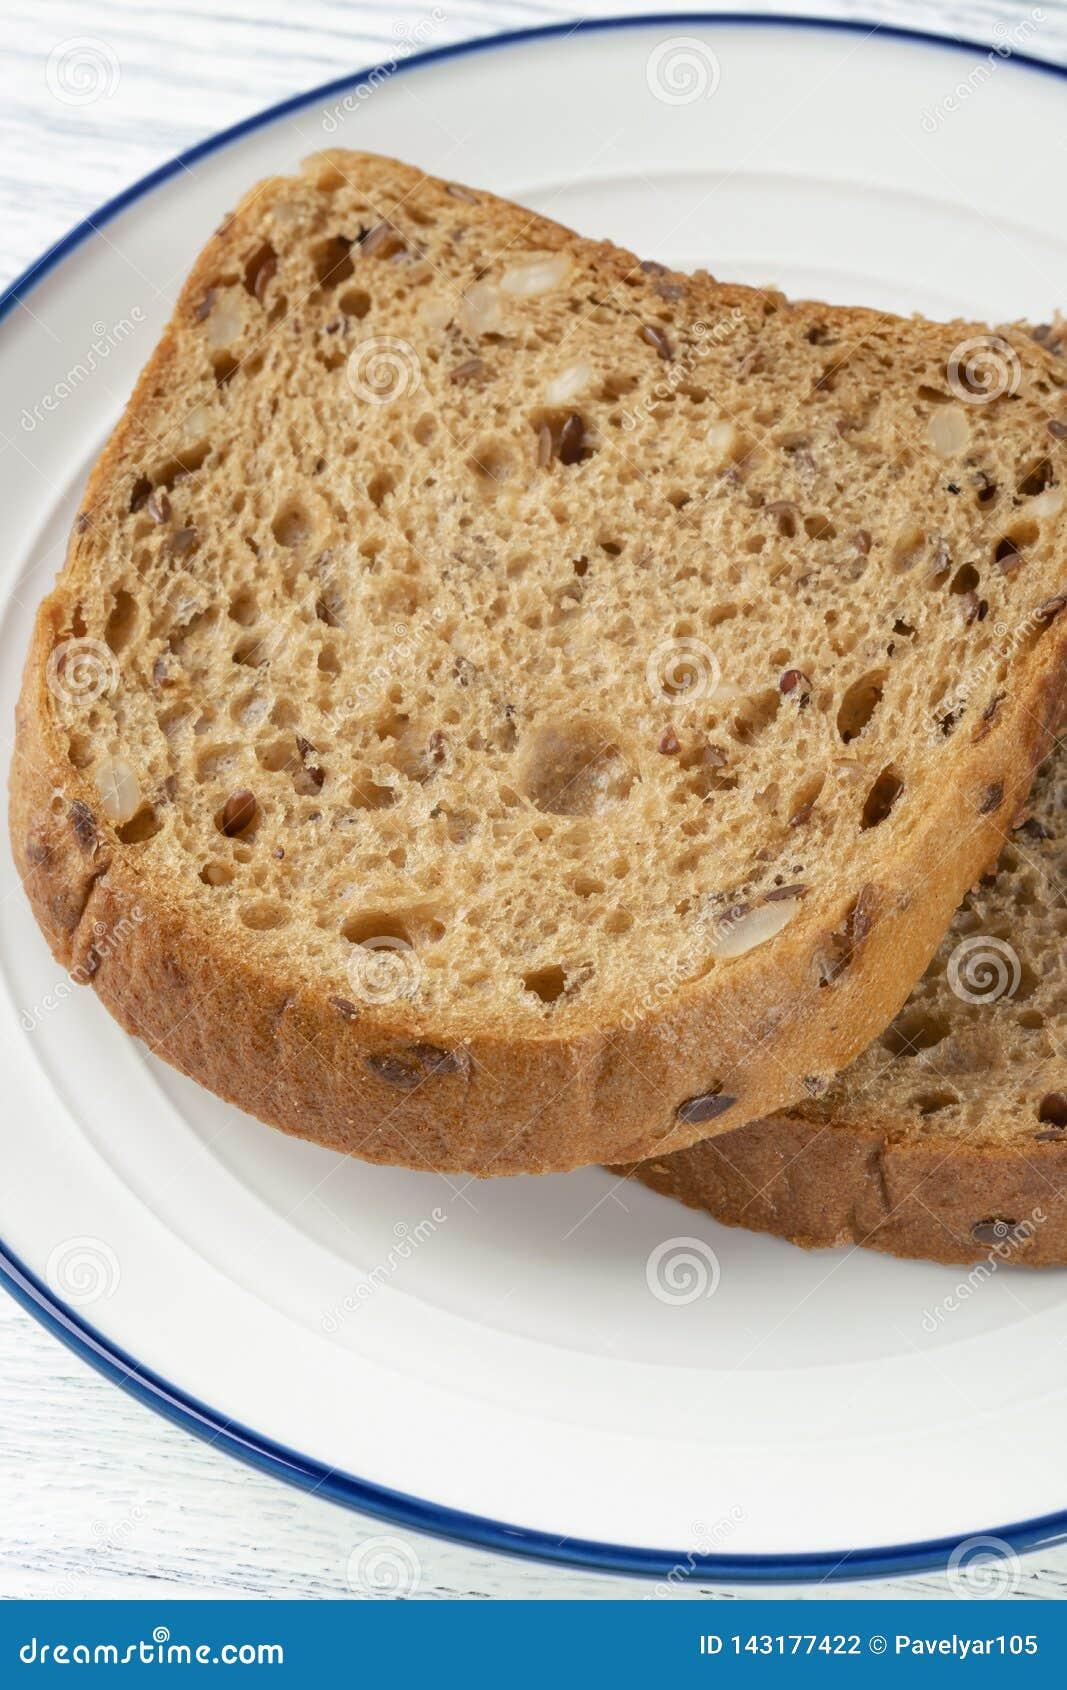 Tranches de pain de grain avec le moule D un plat blanc avec une rayure bleue Sur une table en bois